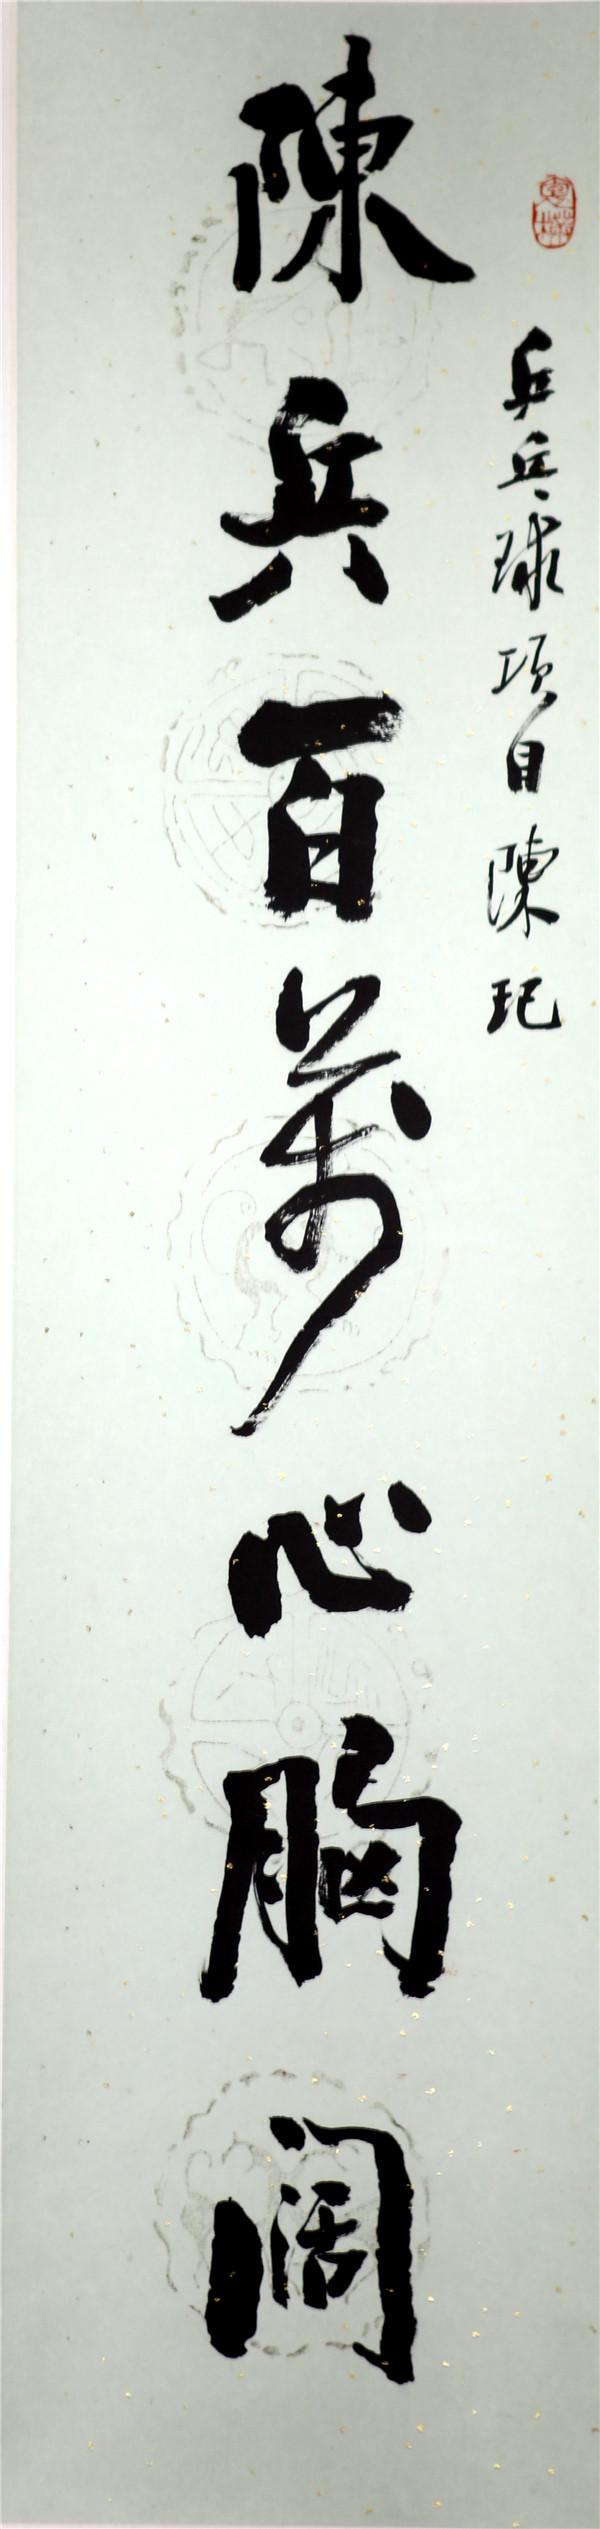 序号357,书录张修顺为江苏奥运冠军陈玘嵌名联